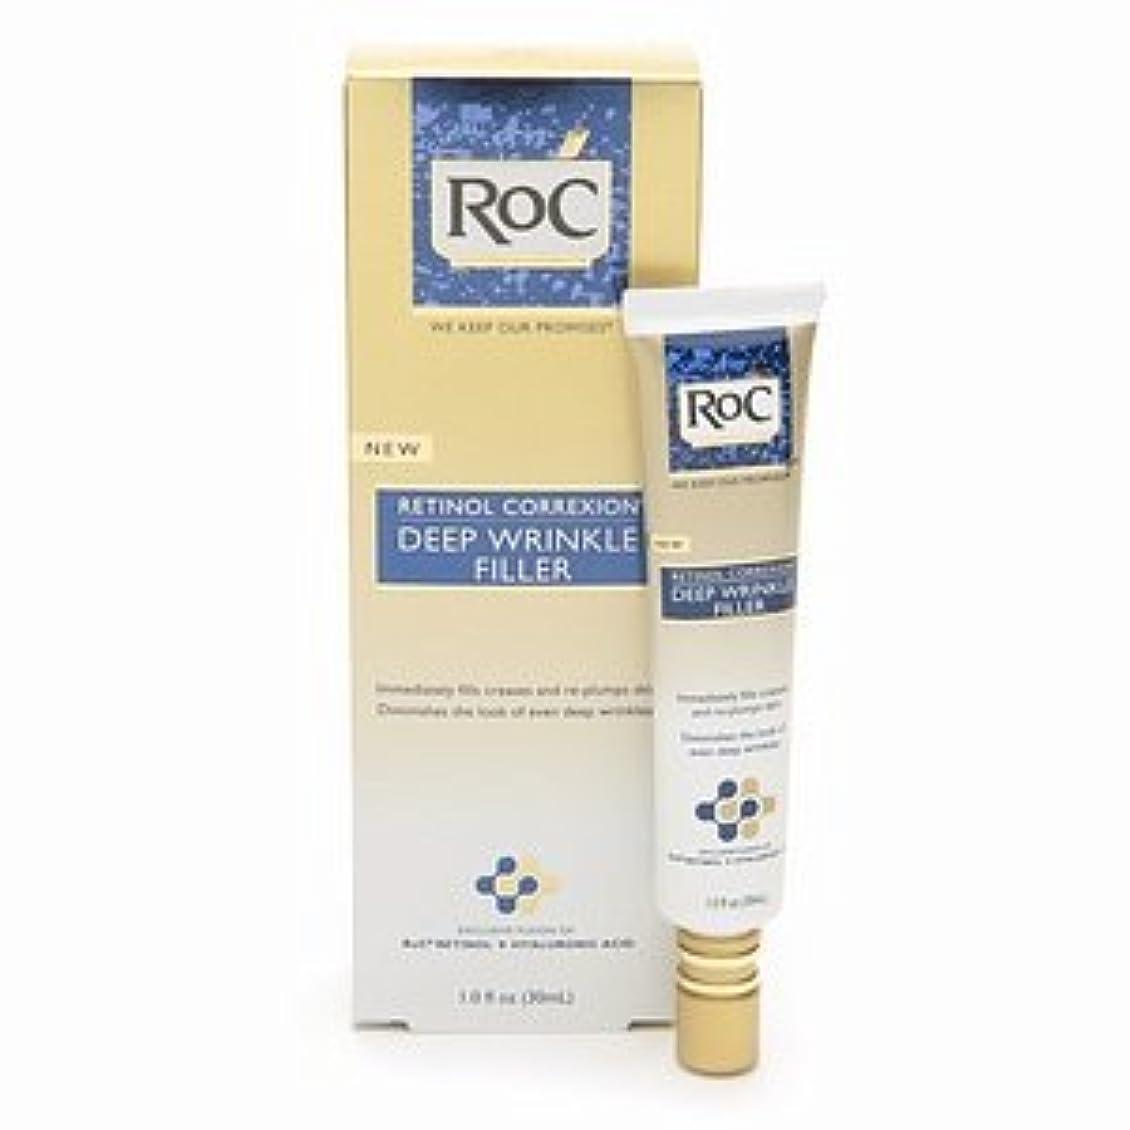 退屈不幸栄光RoC レチノール コレクション ディープリンクル フィラー RoC Retinol Correxion Deep Wrinkle Filler